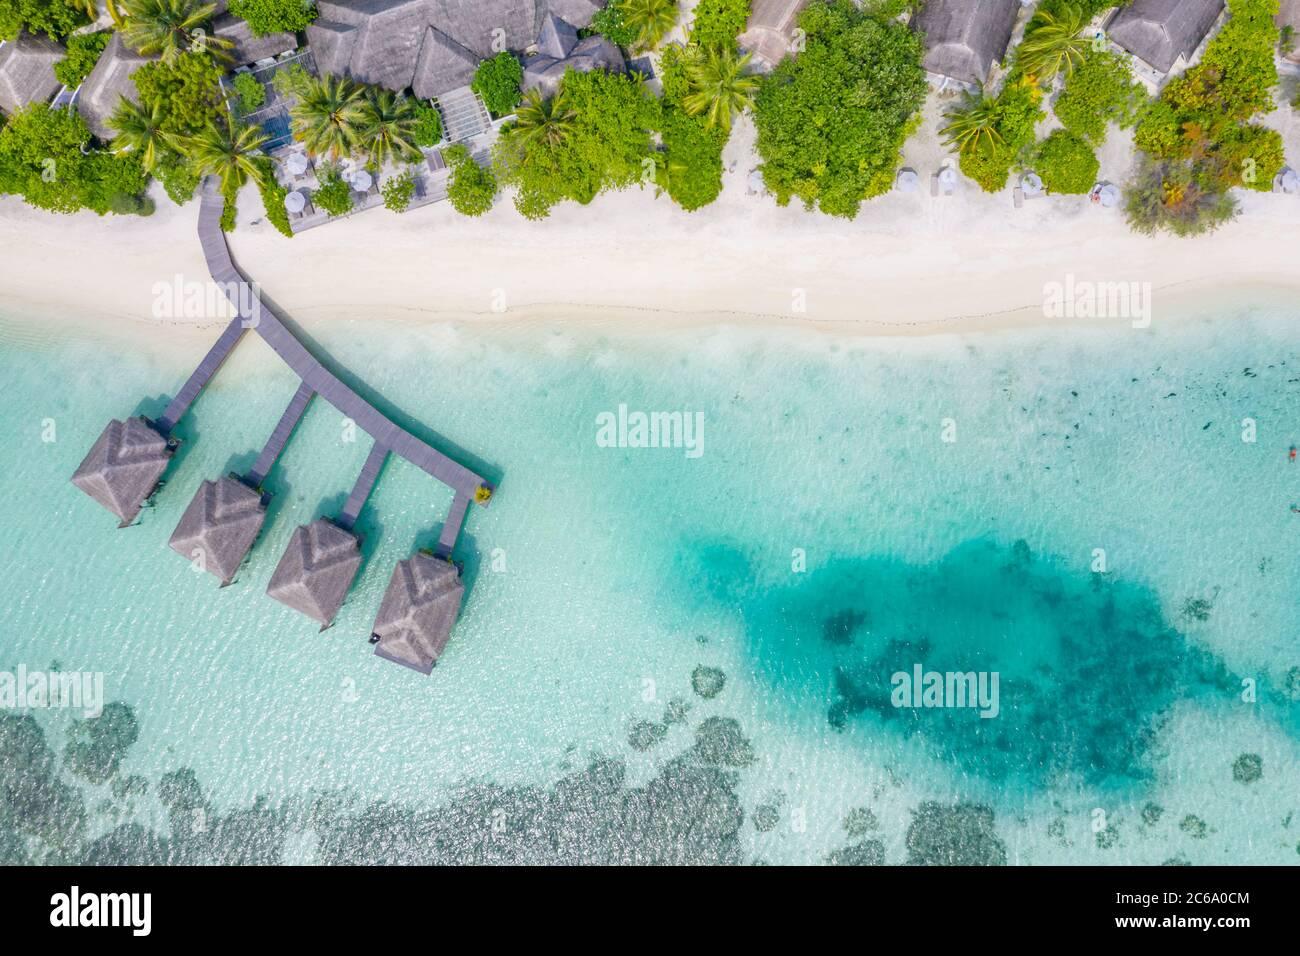 Paysage aérien parfait, complexe tropical de luxe ou hôtel avec villas d'eau et beau paysage de plage. Vue imprenable sur les oiseaux aux Maldives, paysage Banque D'Images